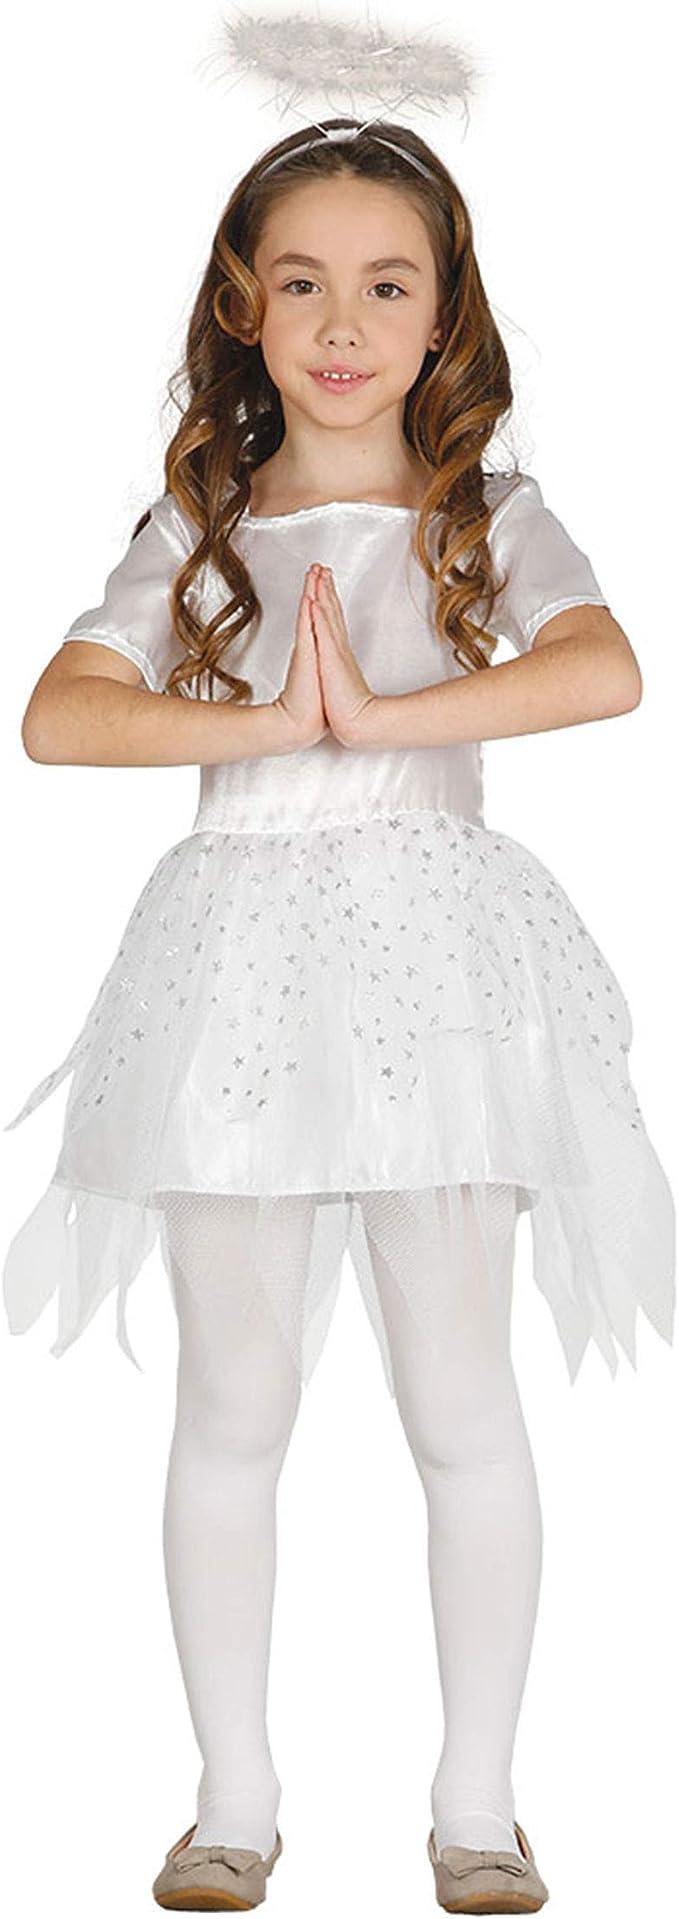 GUIRMA Traje ángel niña, Color Blanco, 3 – 4 años, 41582: Amazon ...